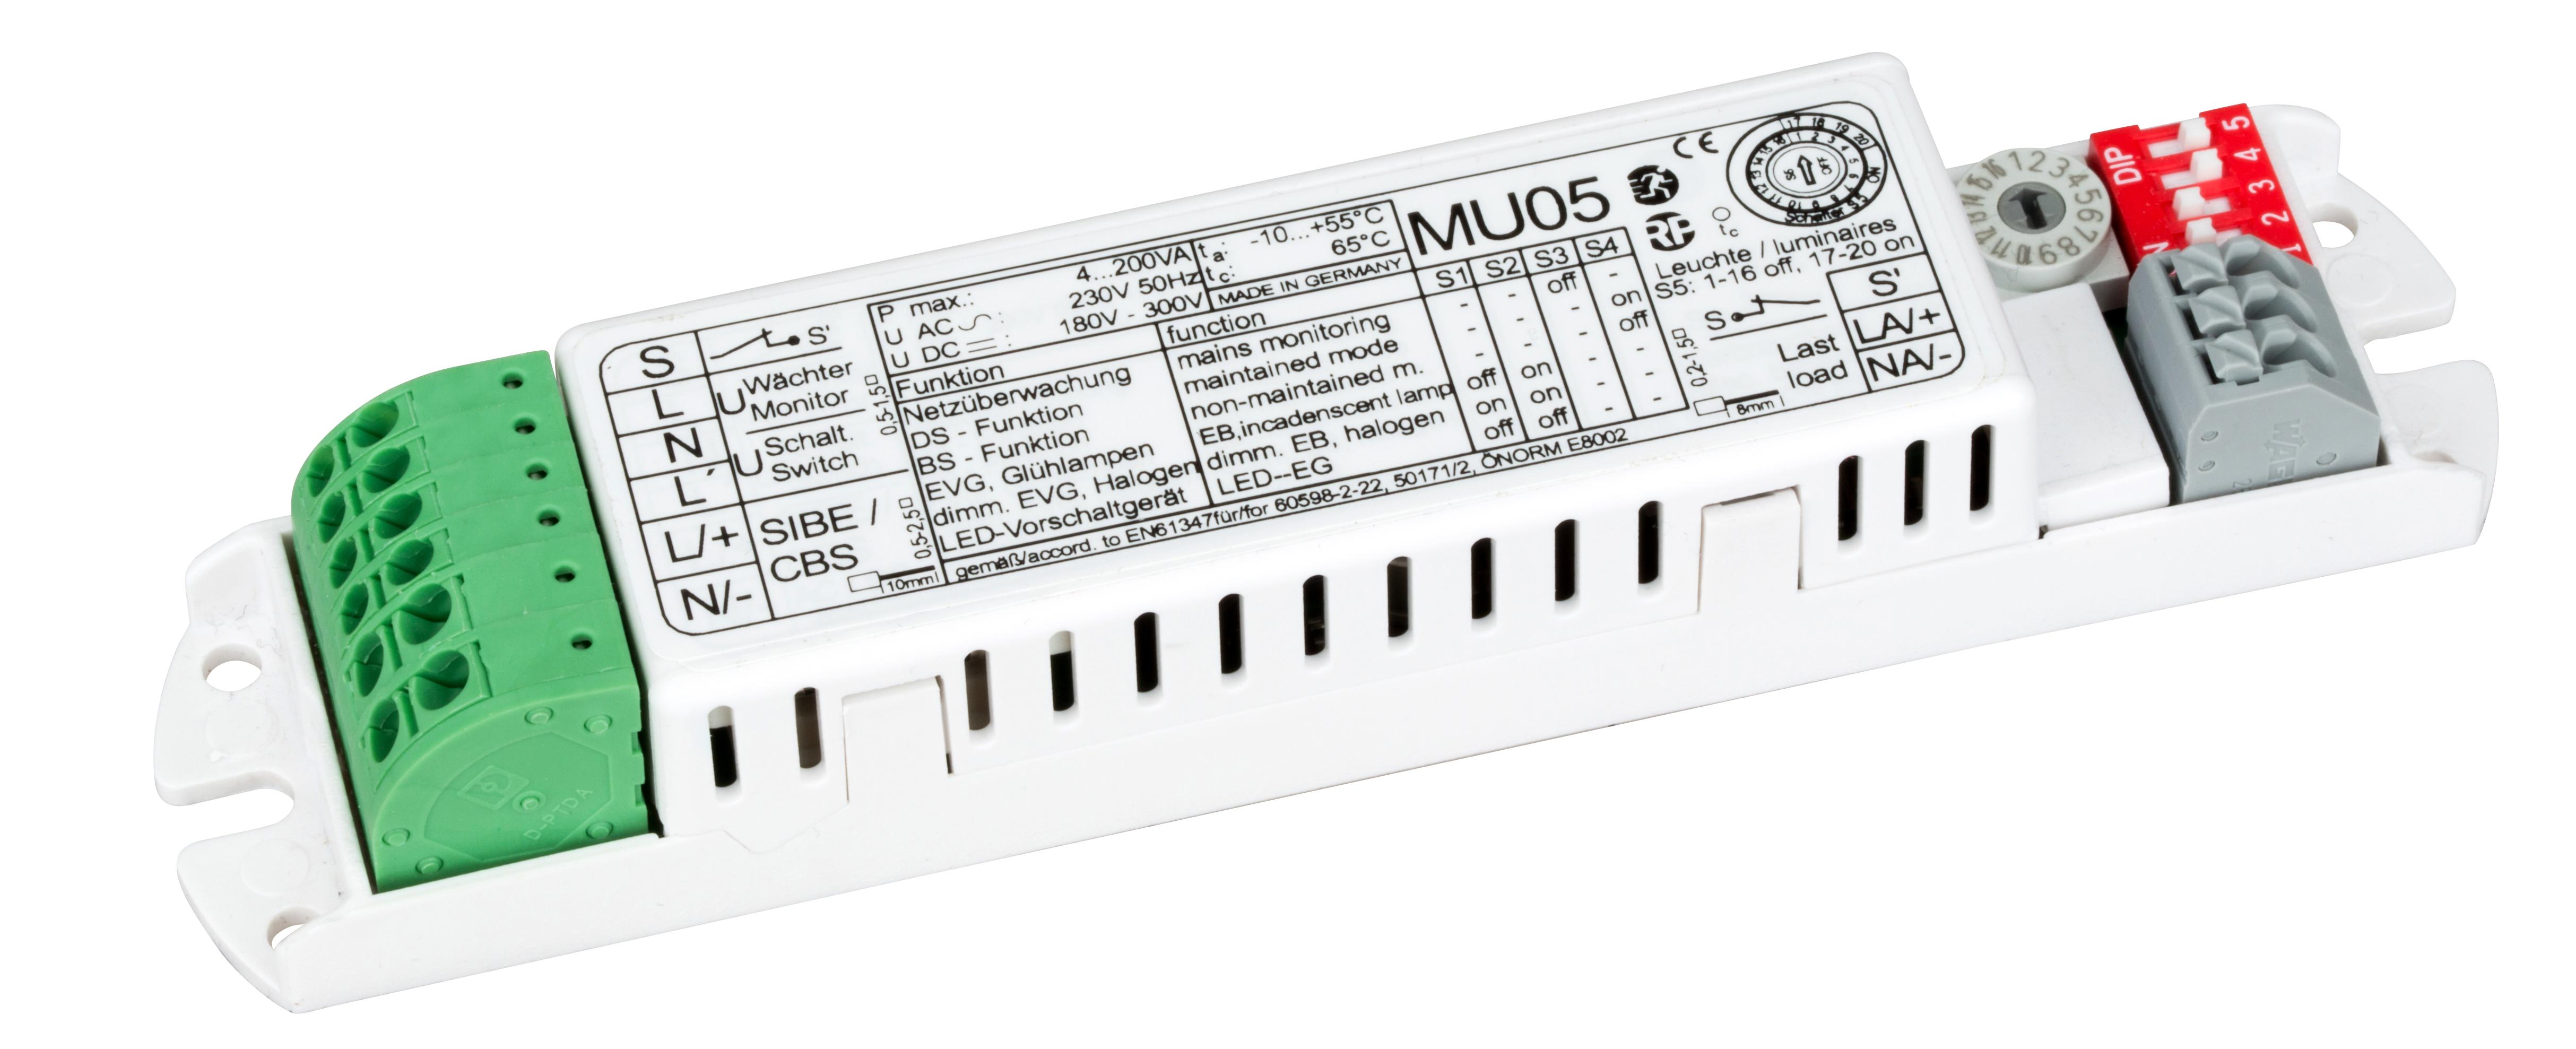 Leuchtenmanager für Überwachung und Mischbetrieb 4-200VA